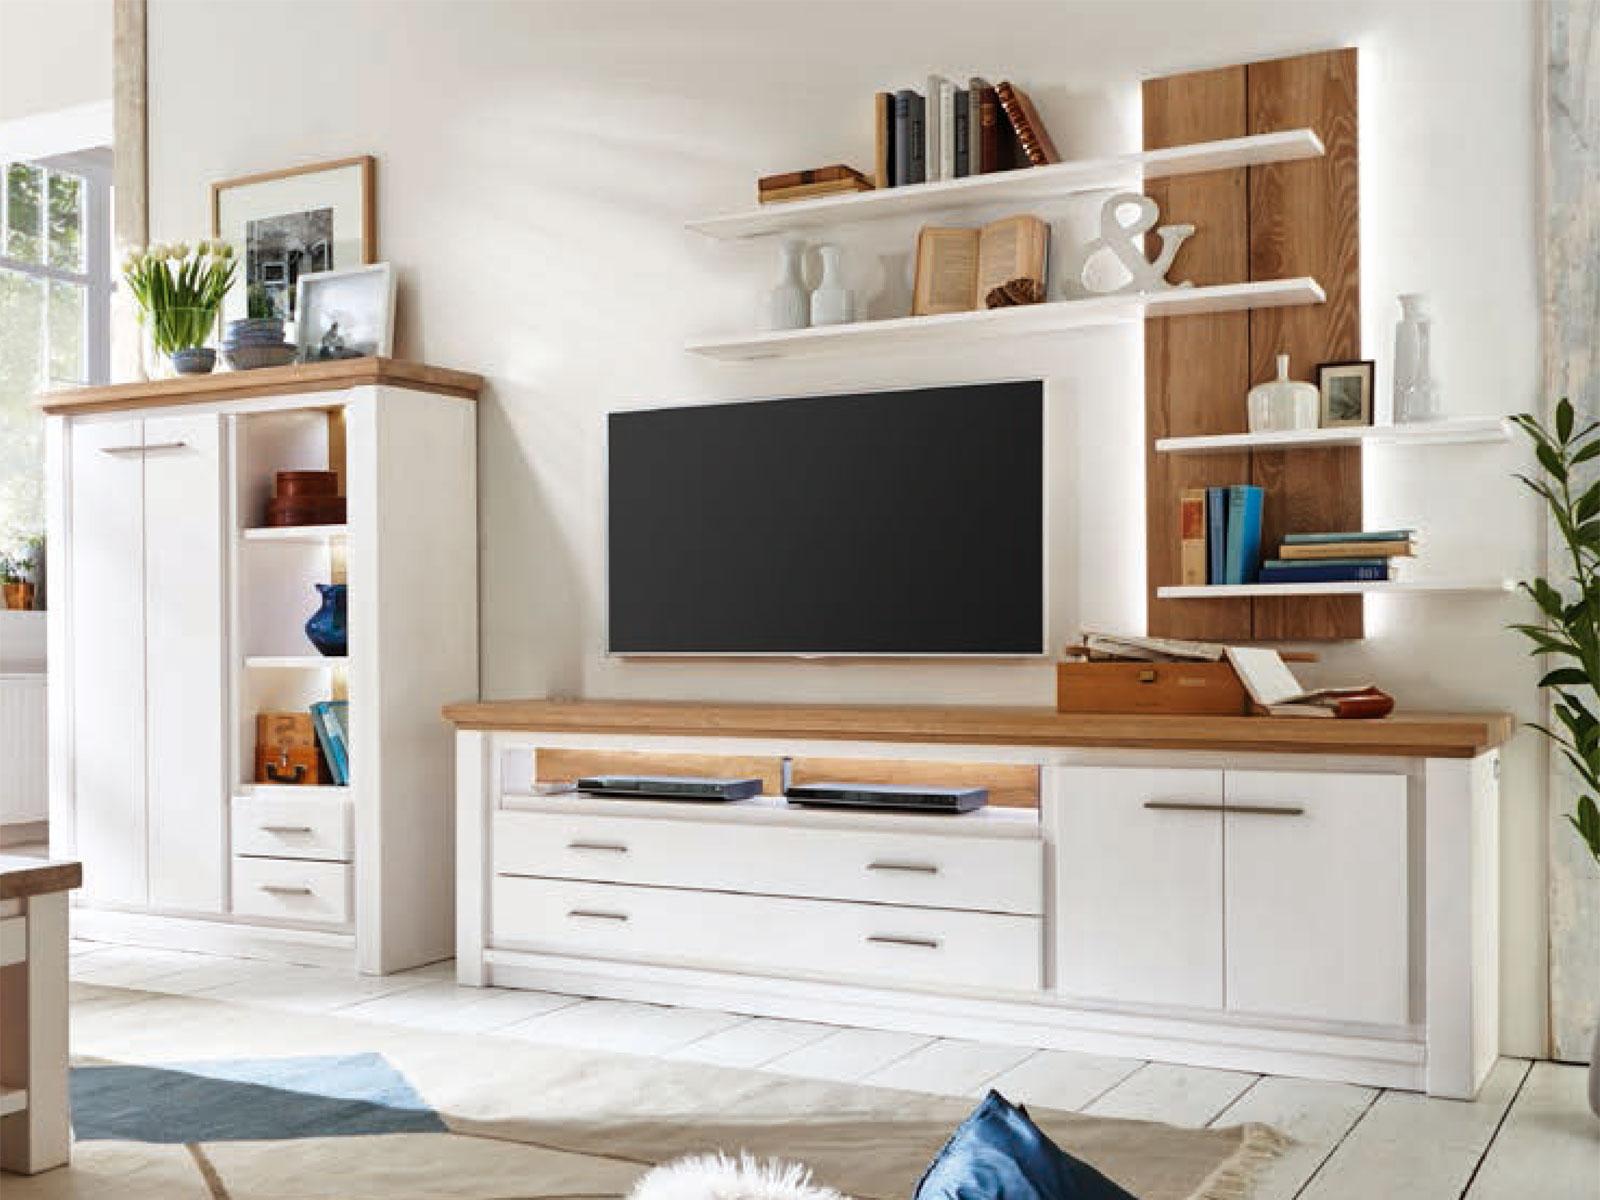 Wohnwand Olbia Highboard Tv Lowboard Wandregal Pinie Nordica Weiss